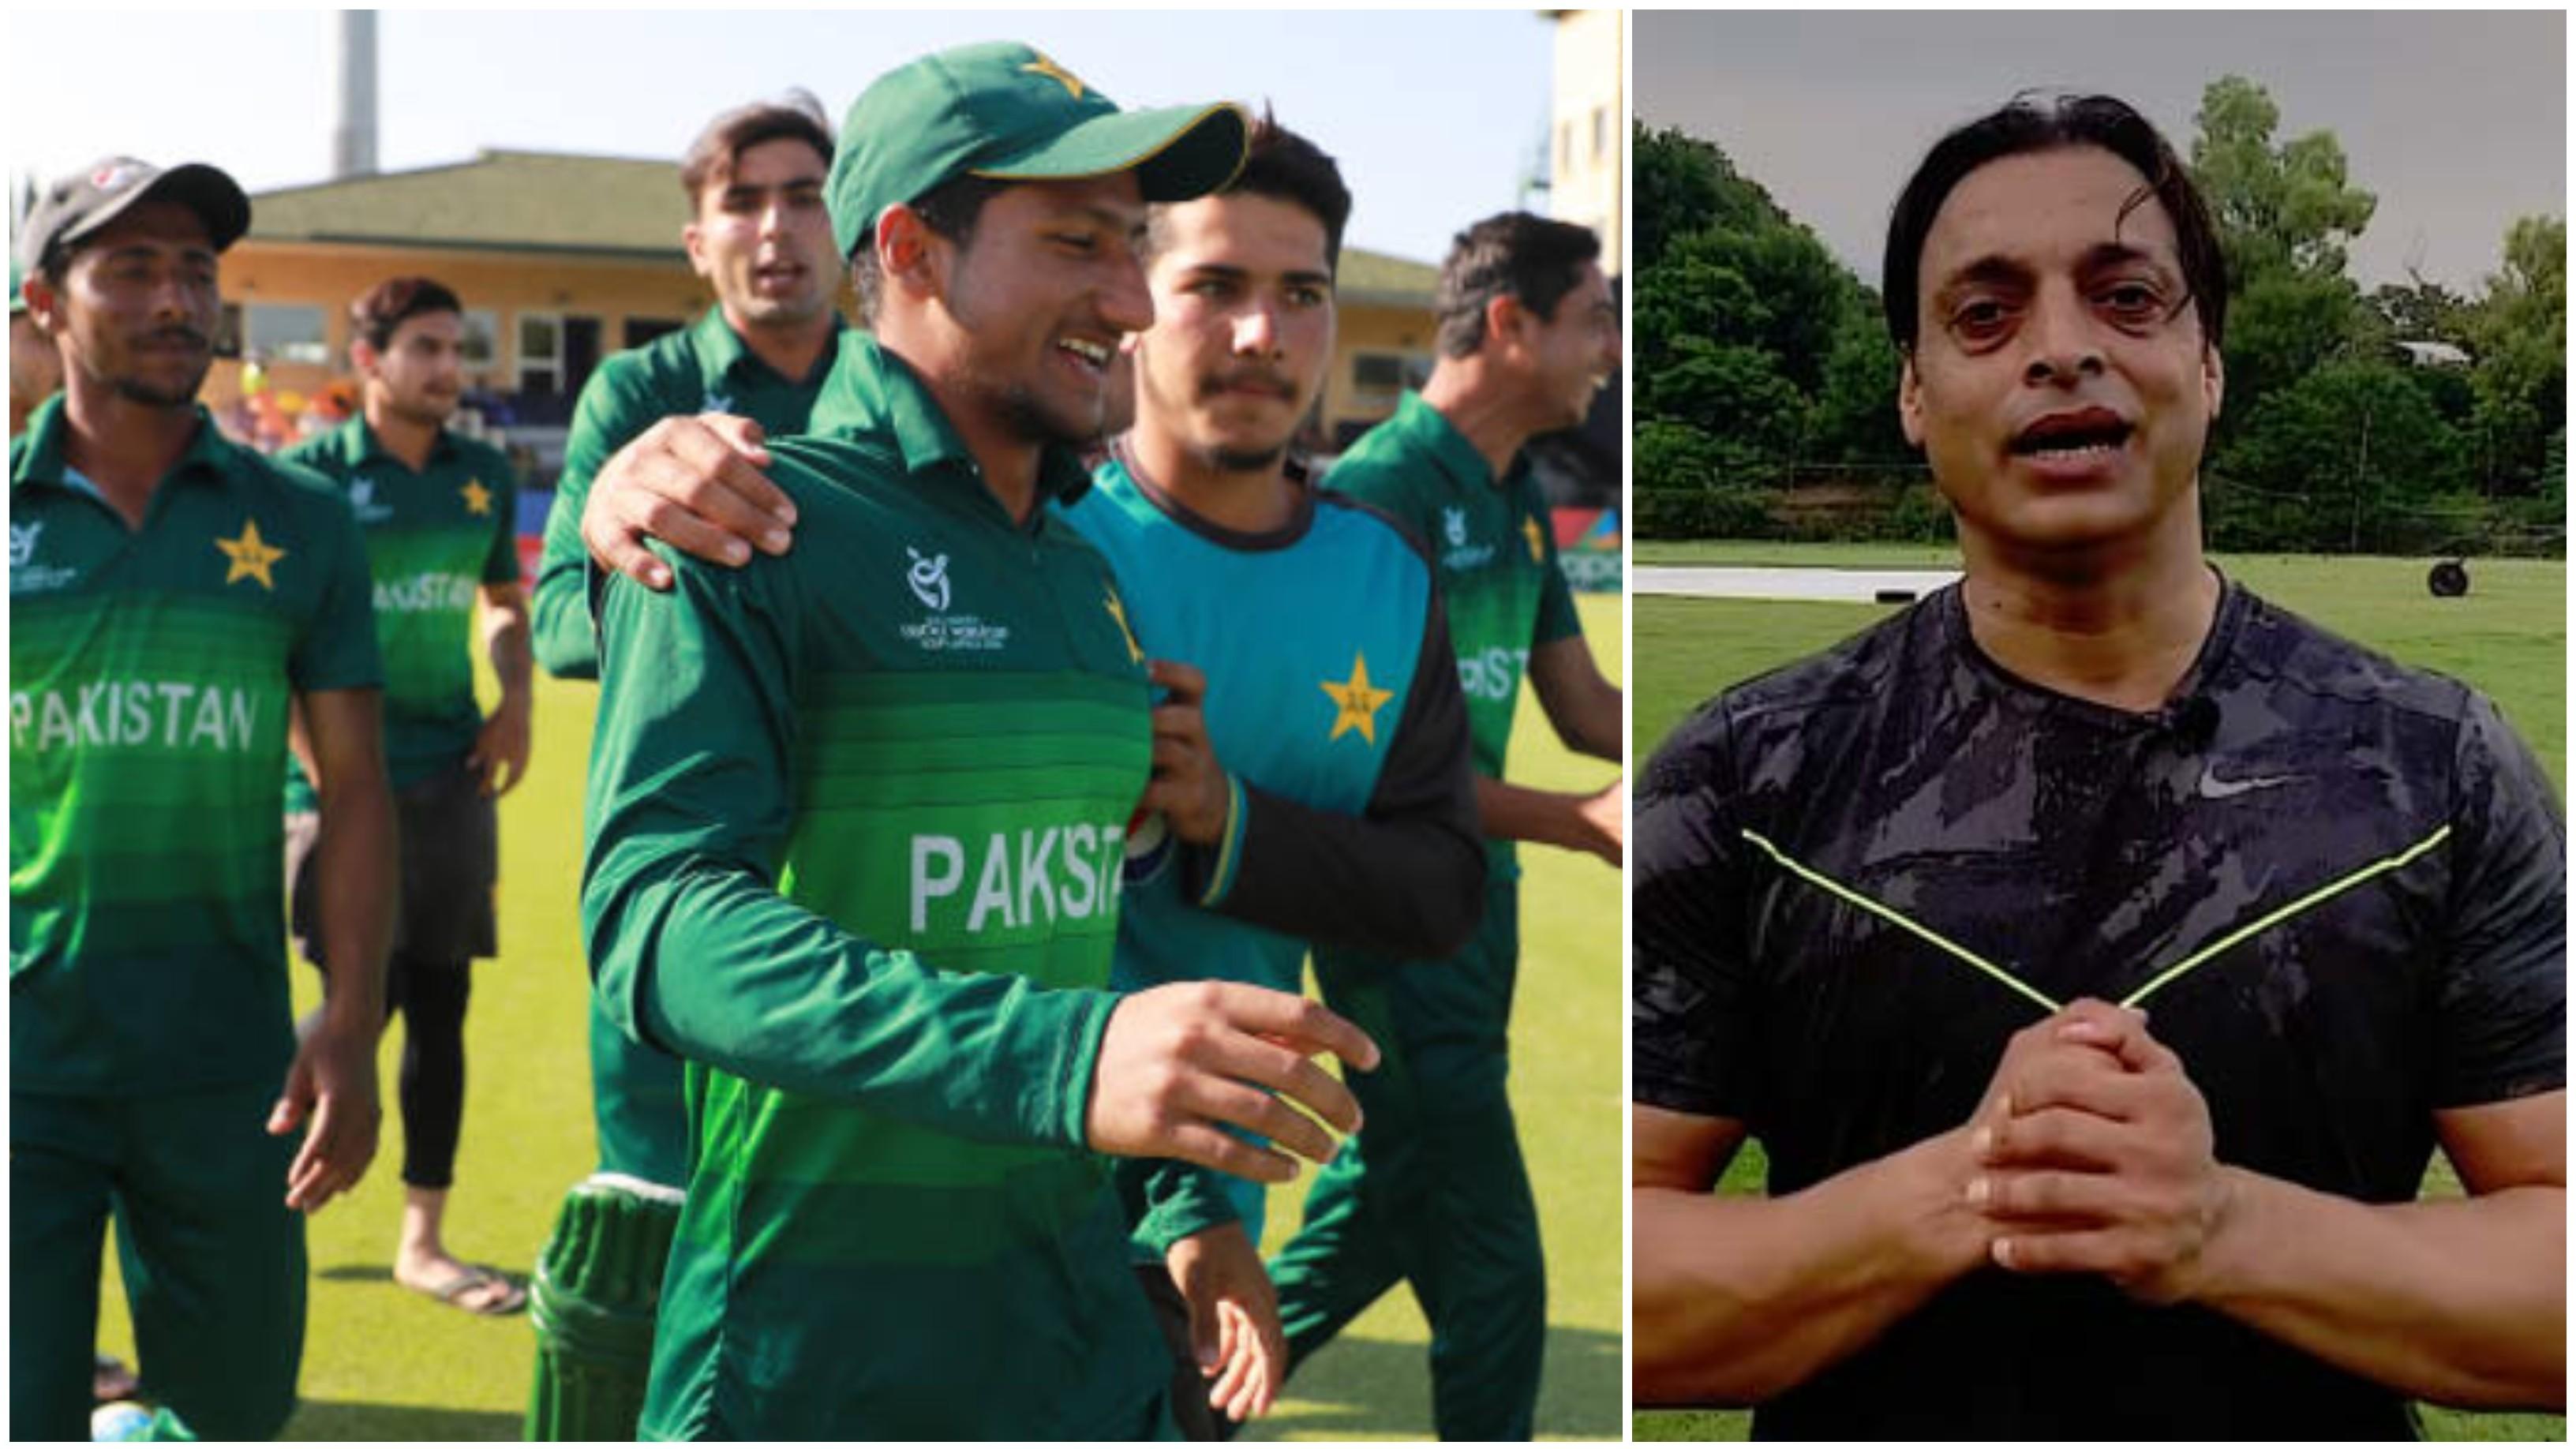 शोएब अख्तर ने अंडर-19 विश्वकप सेमीफाइनल में भारत से मिली हार के बाद के बाद पीसीबी को लगाईं फटकार